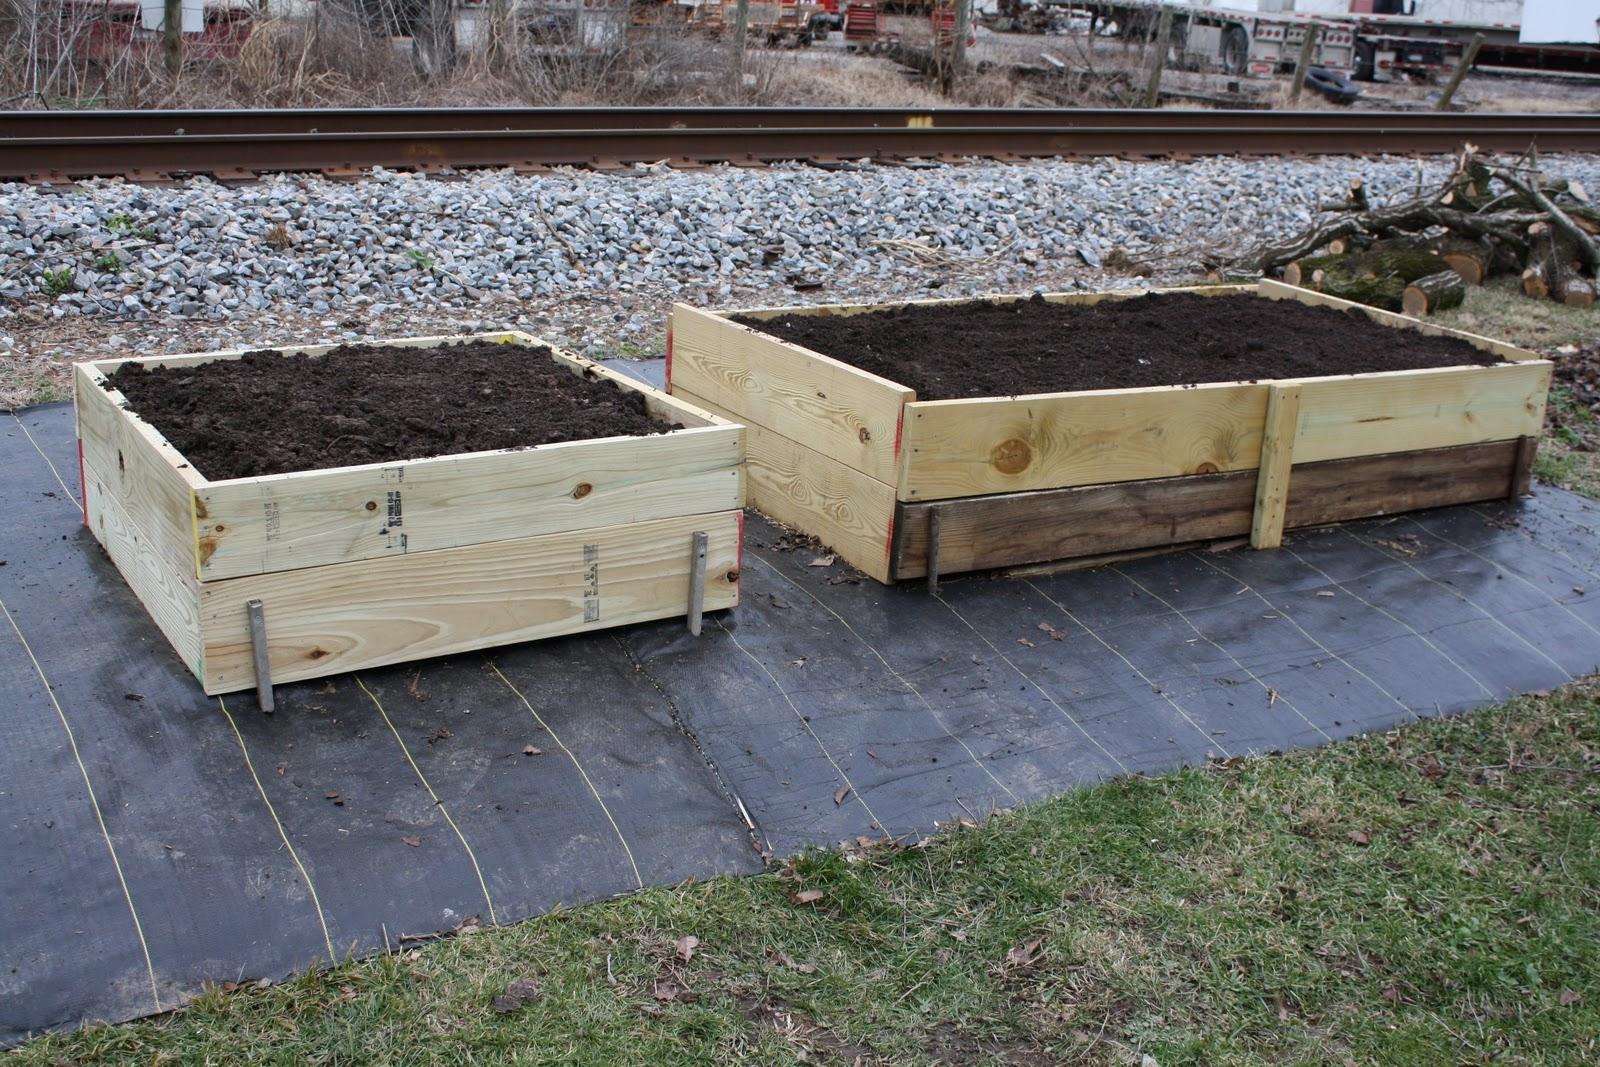 Type Of Wood For Raised Garden Part - 33: The Redeemed Gardener - Blogger